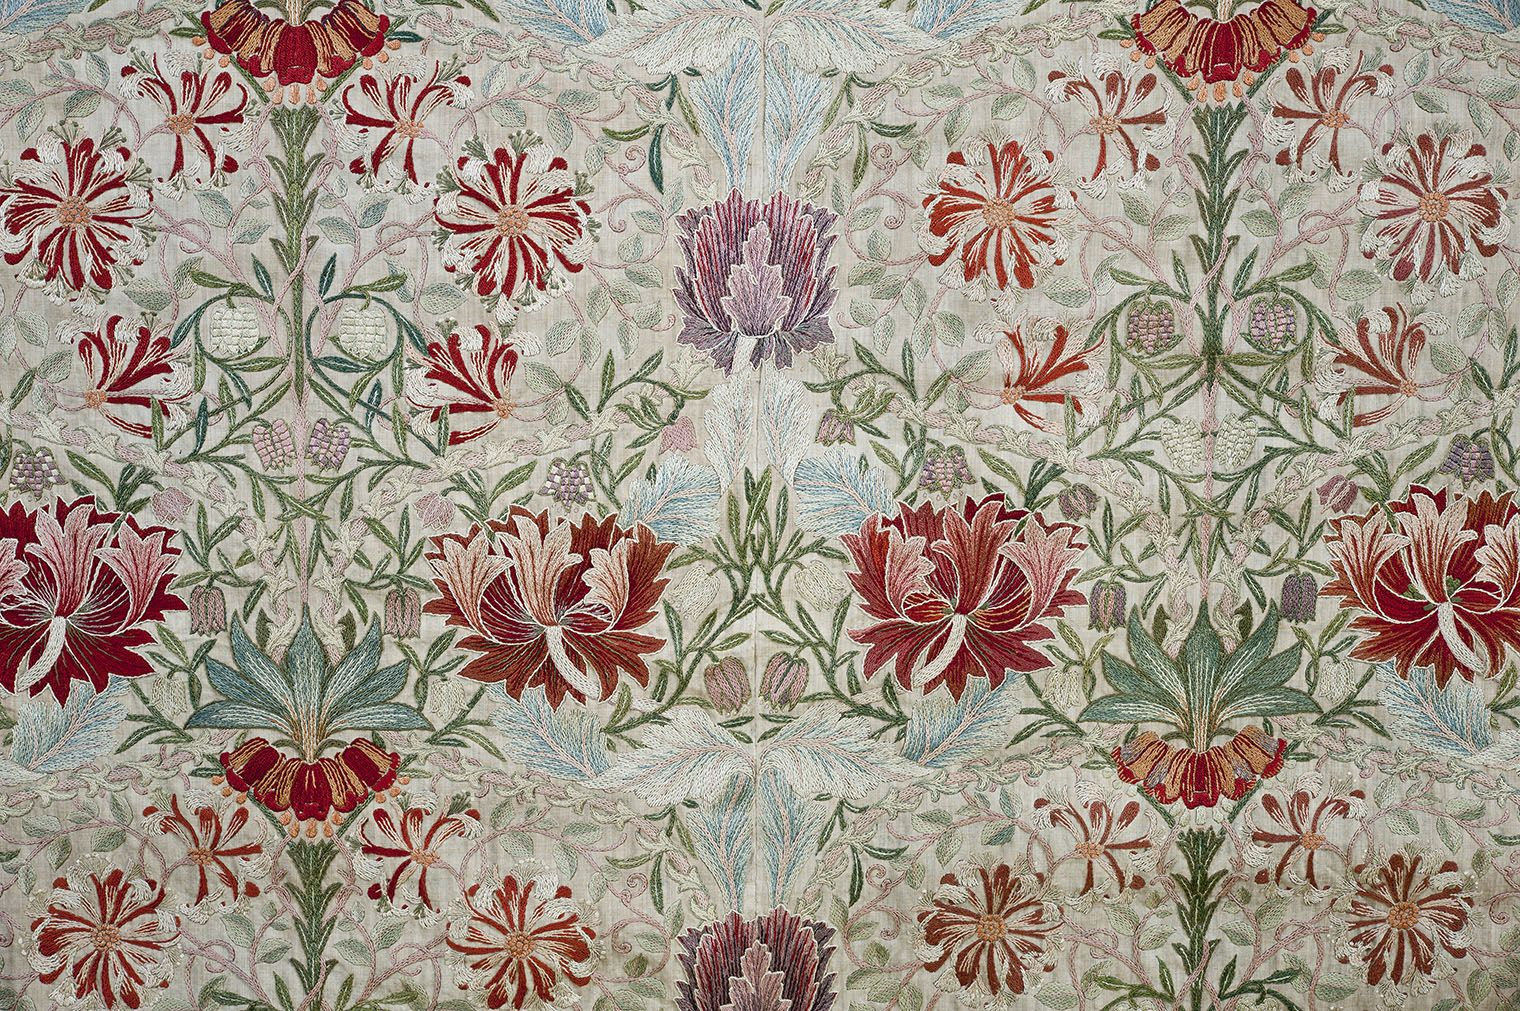 William Morris Y El Arts Crafts En Madrid I Diariodesign Com William Morris Arte Y Diseño El Arte De La Artesanía